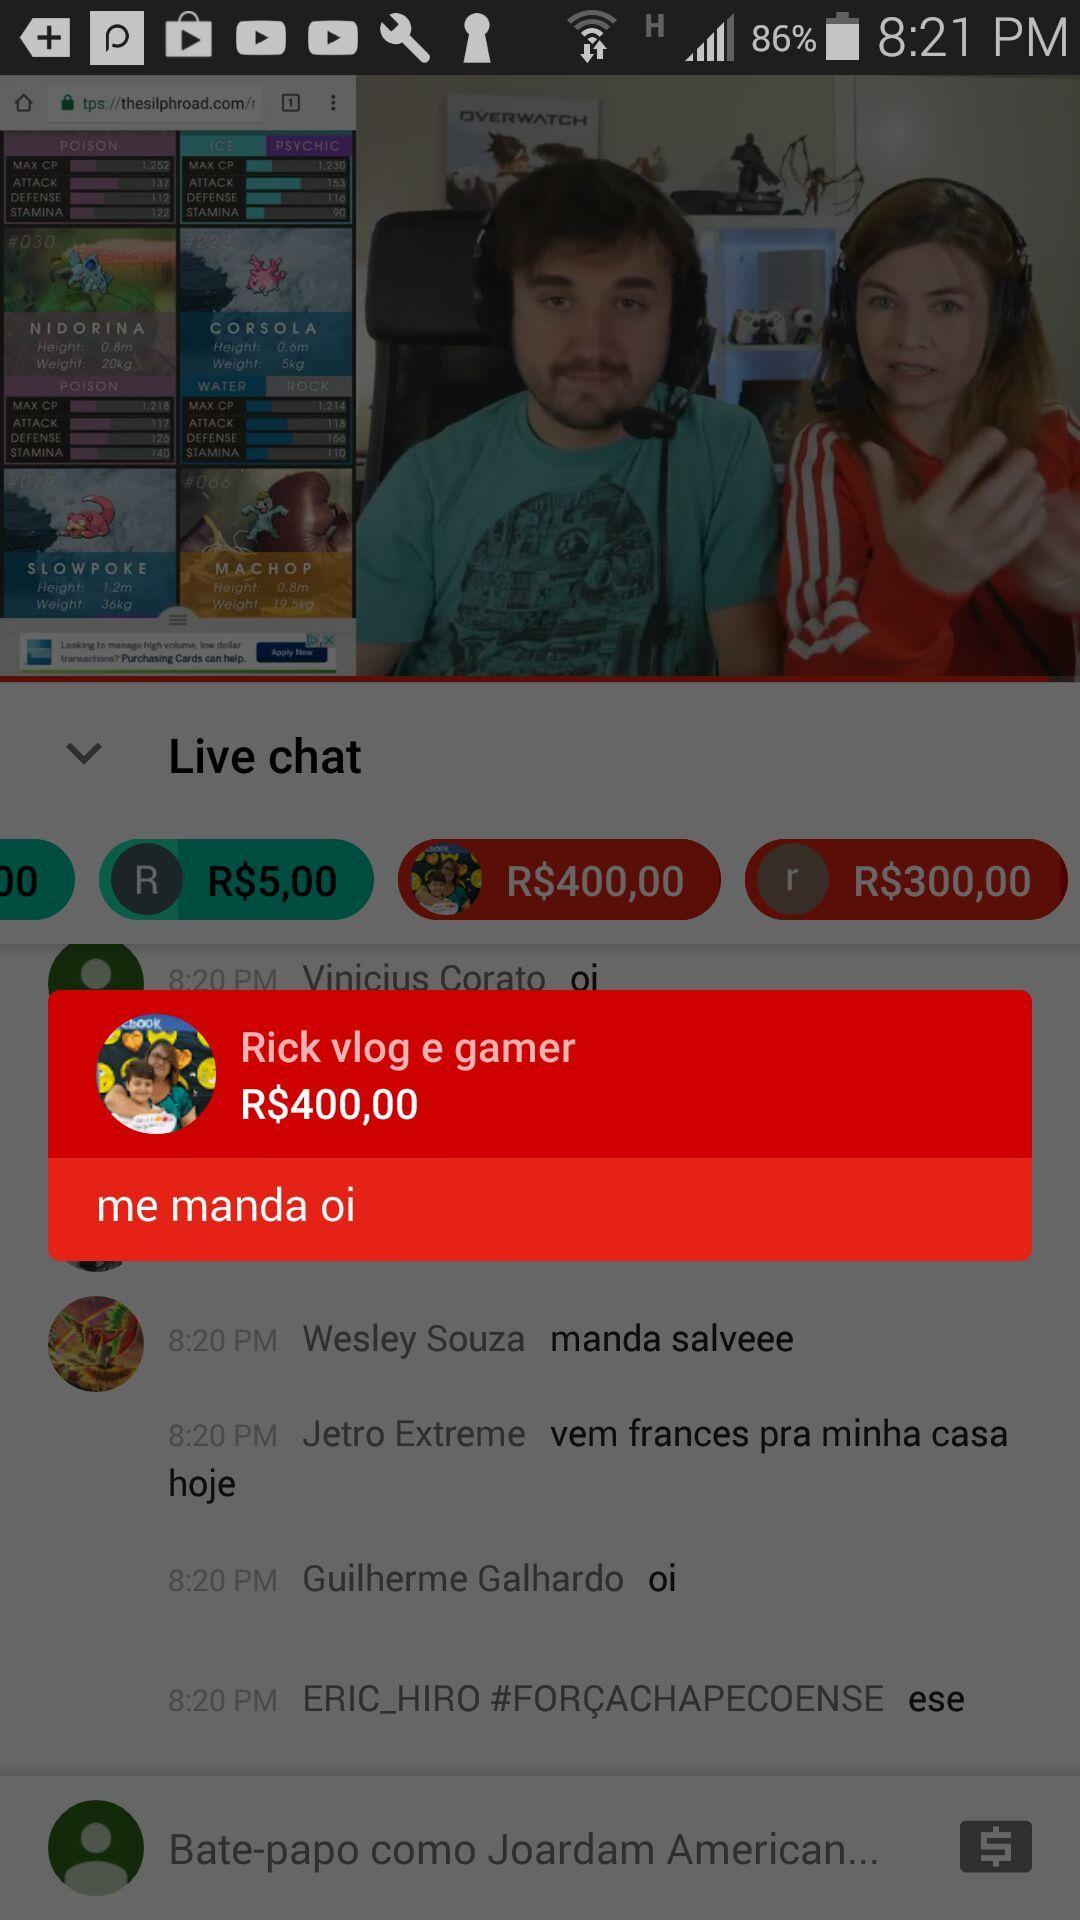 quando a pessoa deaperdica 400 reais - meme